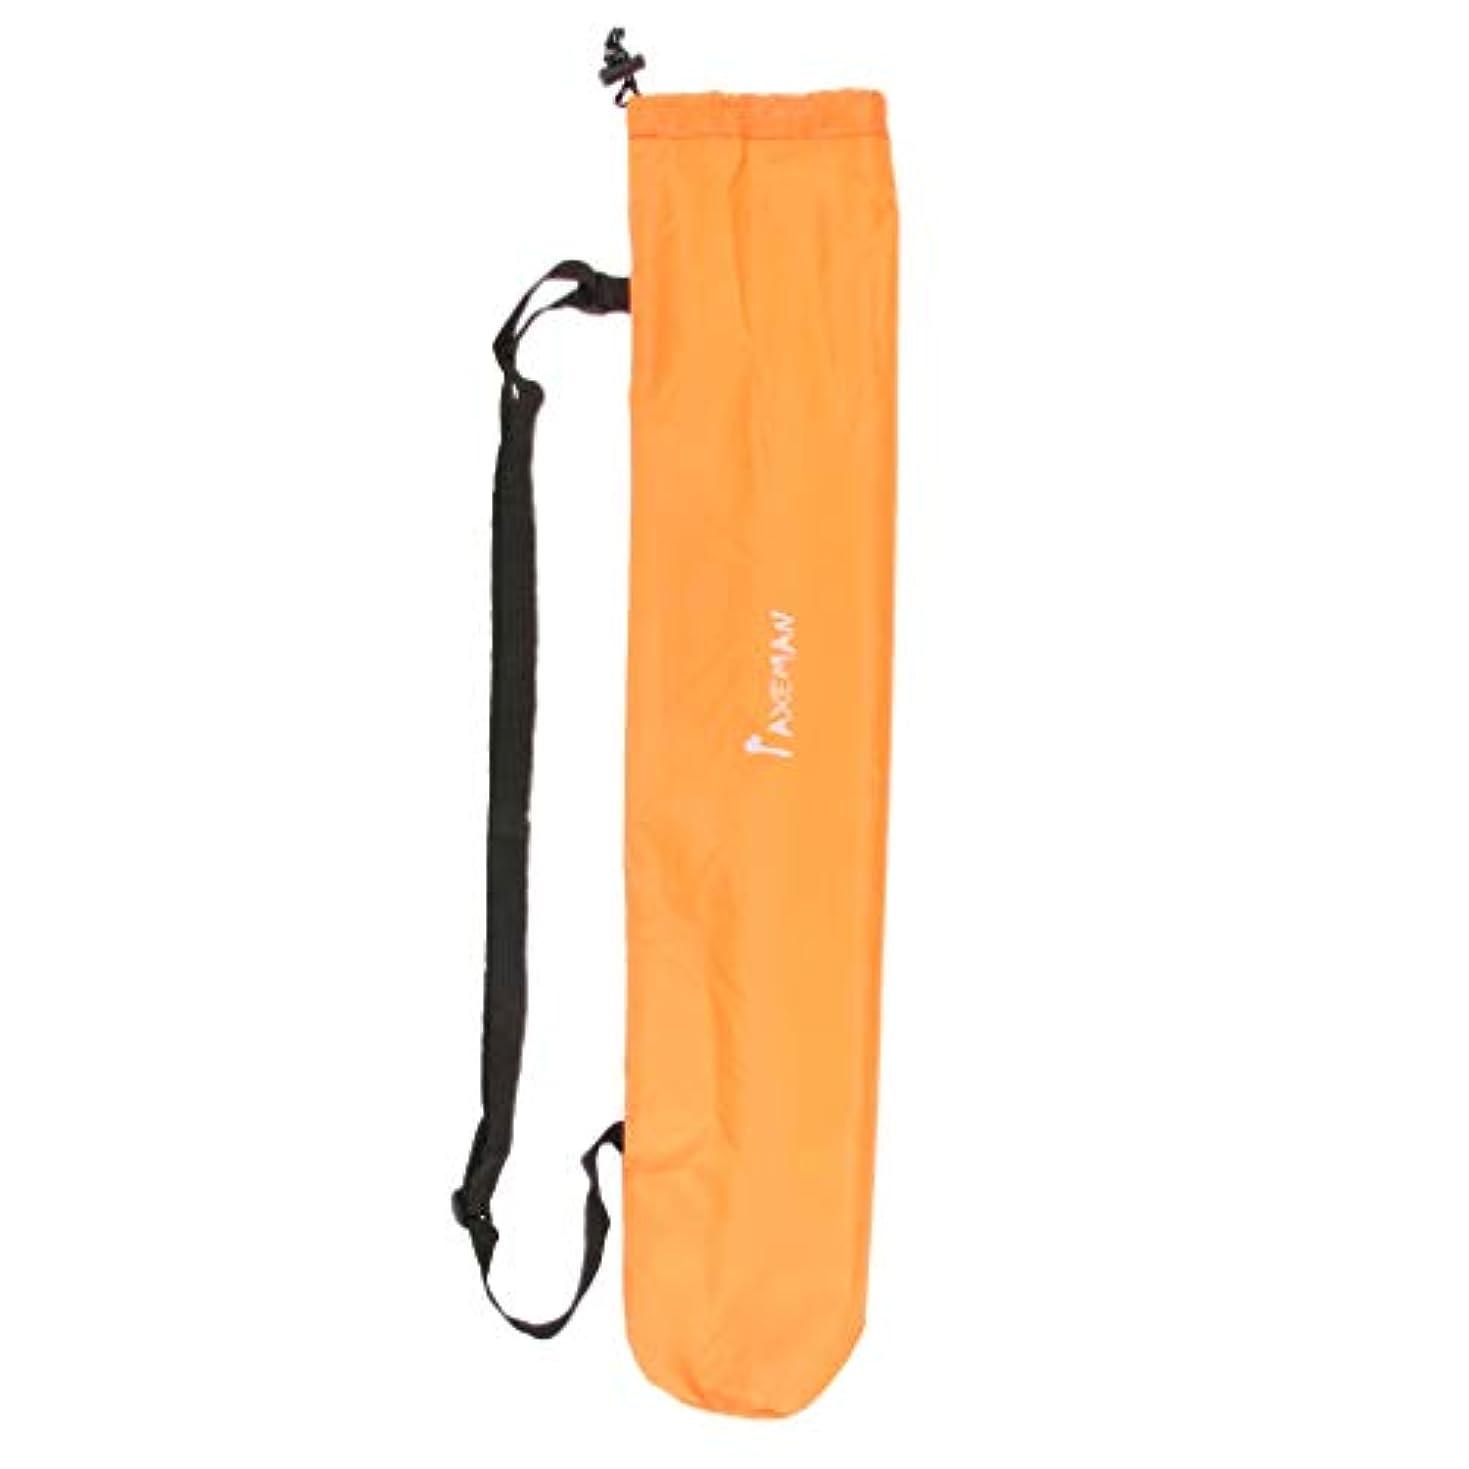 メディカルホースパステルperfk トレッキングポール キャリングバッグ 調節可能 ショルダーストラップ付き 全2色